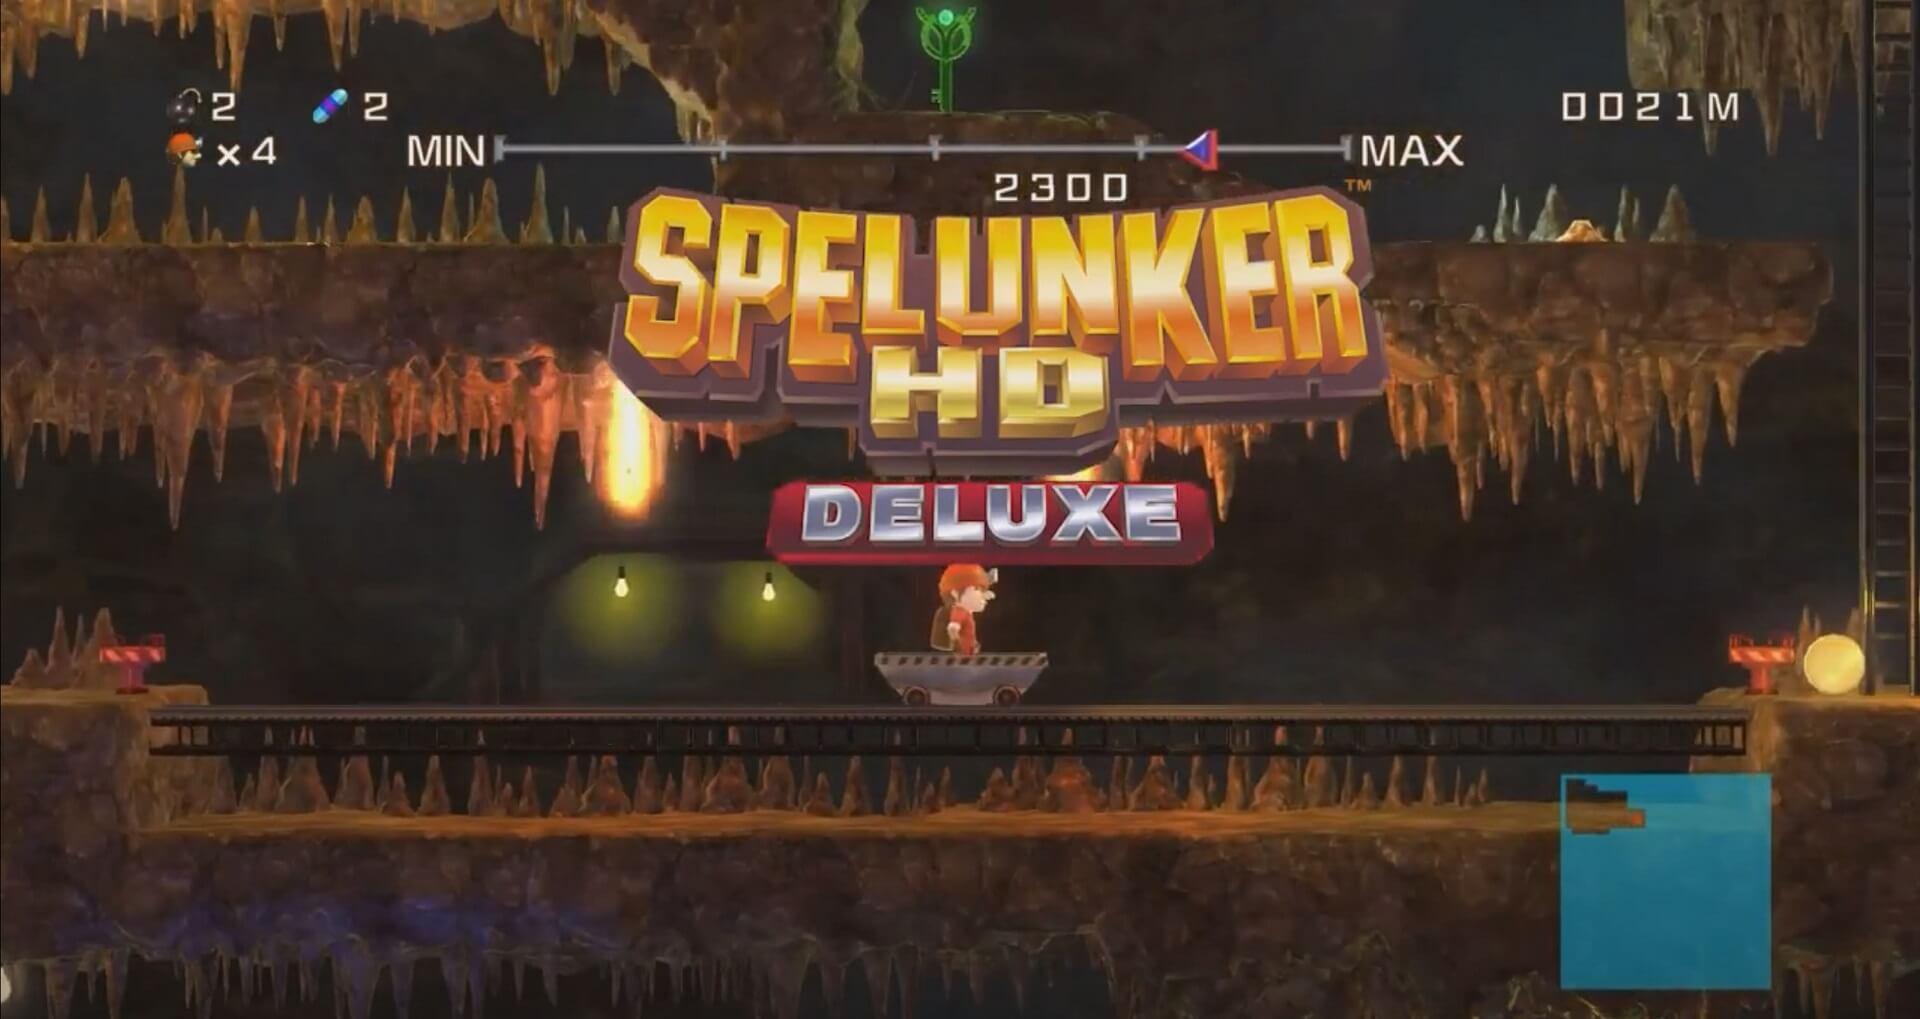 Spelunker HD Deluxe: Retro-Klassiker kommt auch auf den westlichen Markt